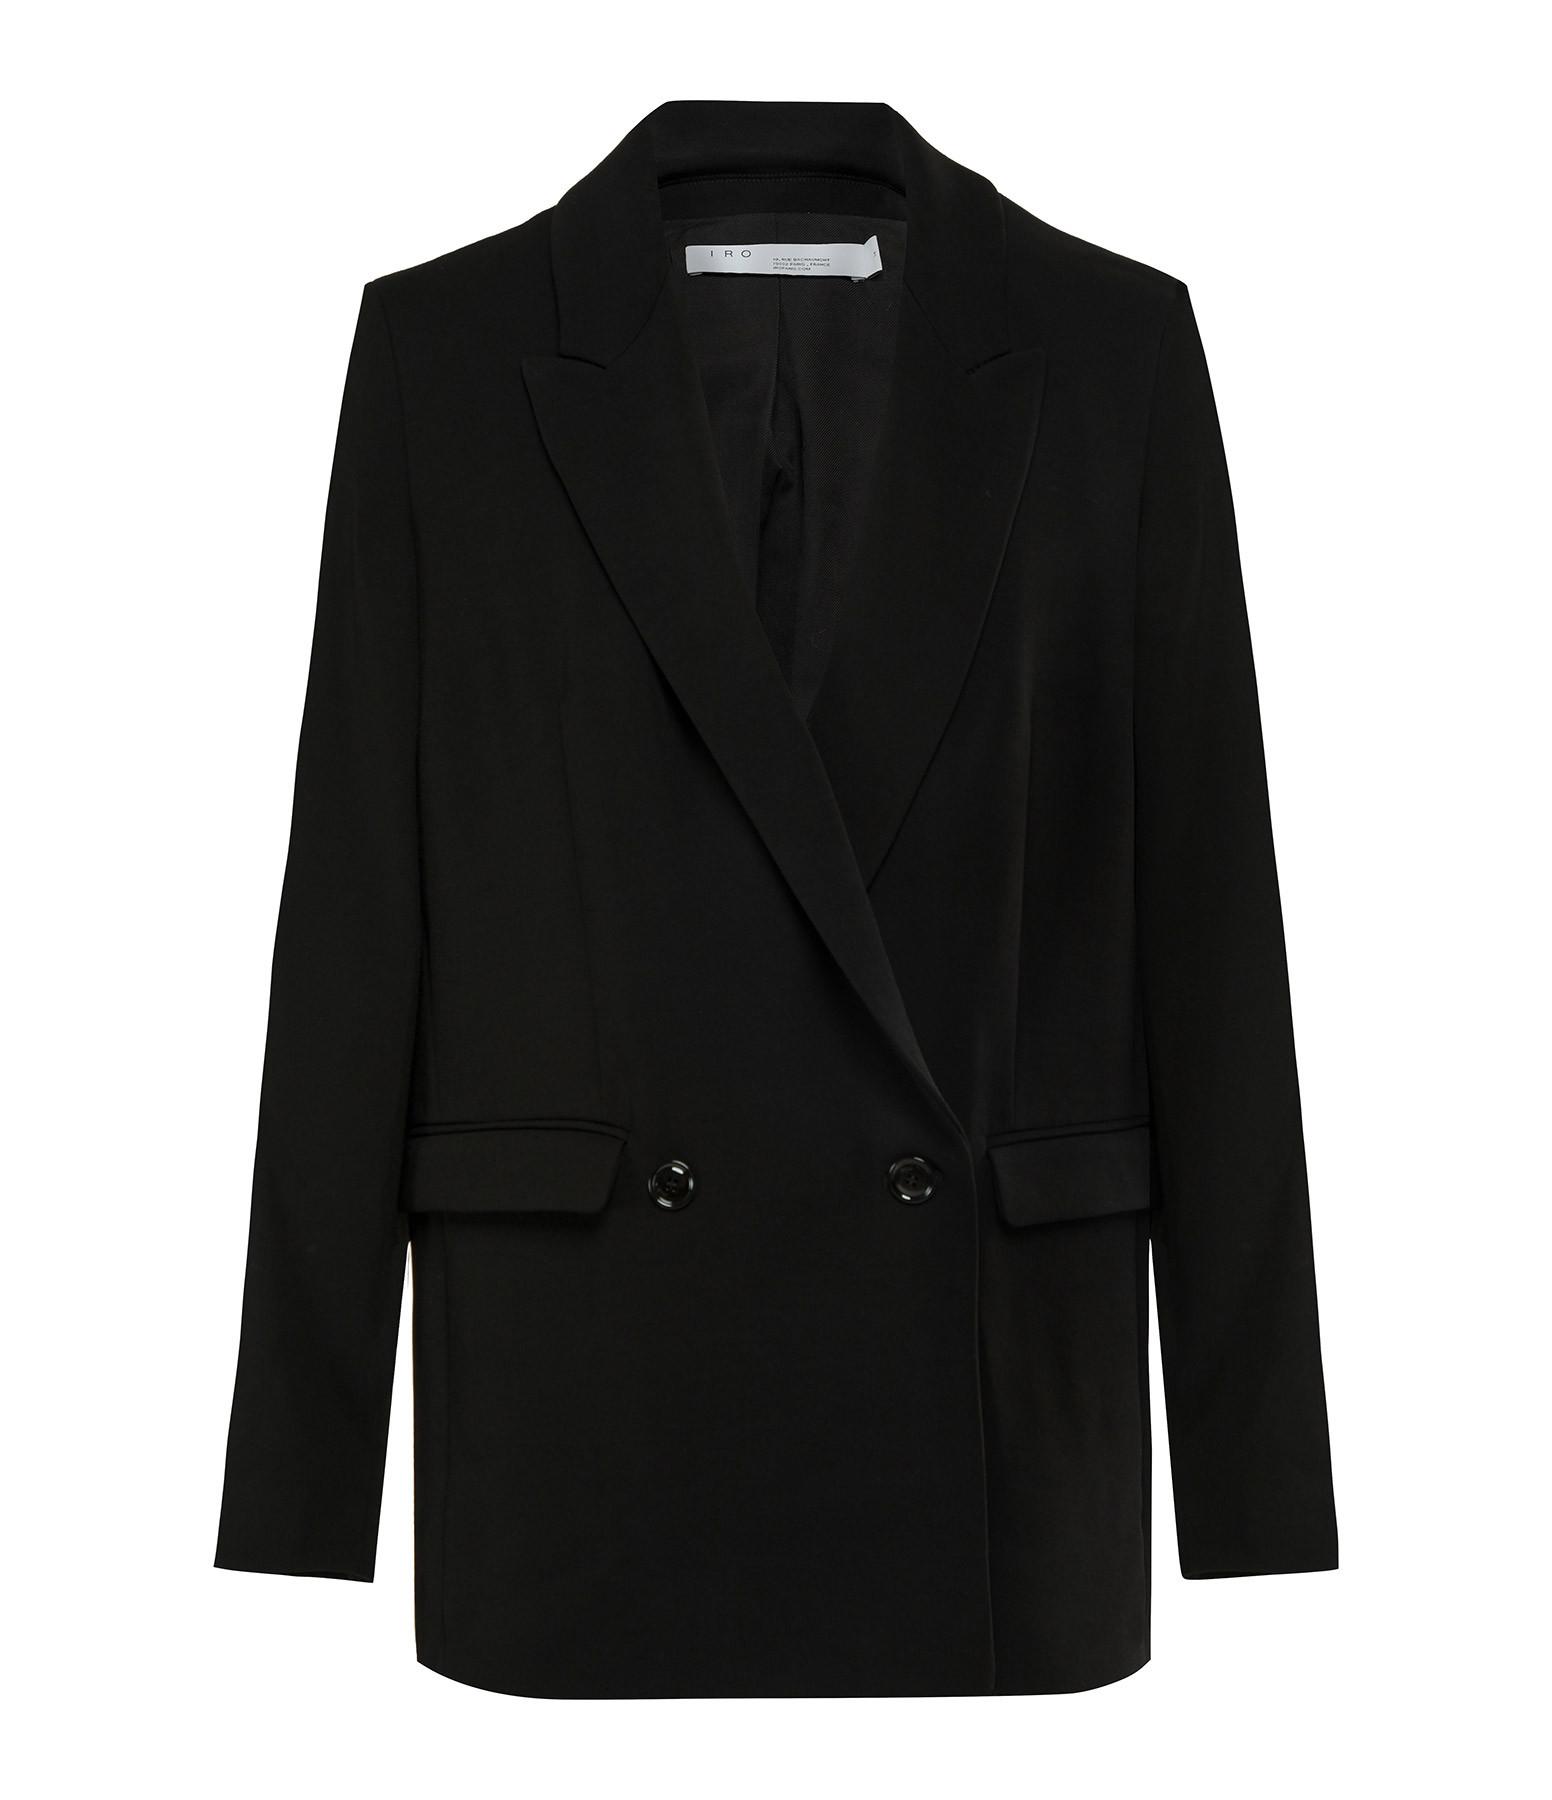 IRO - Veste Blazer Degree Noir